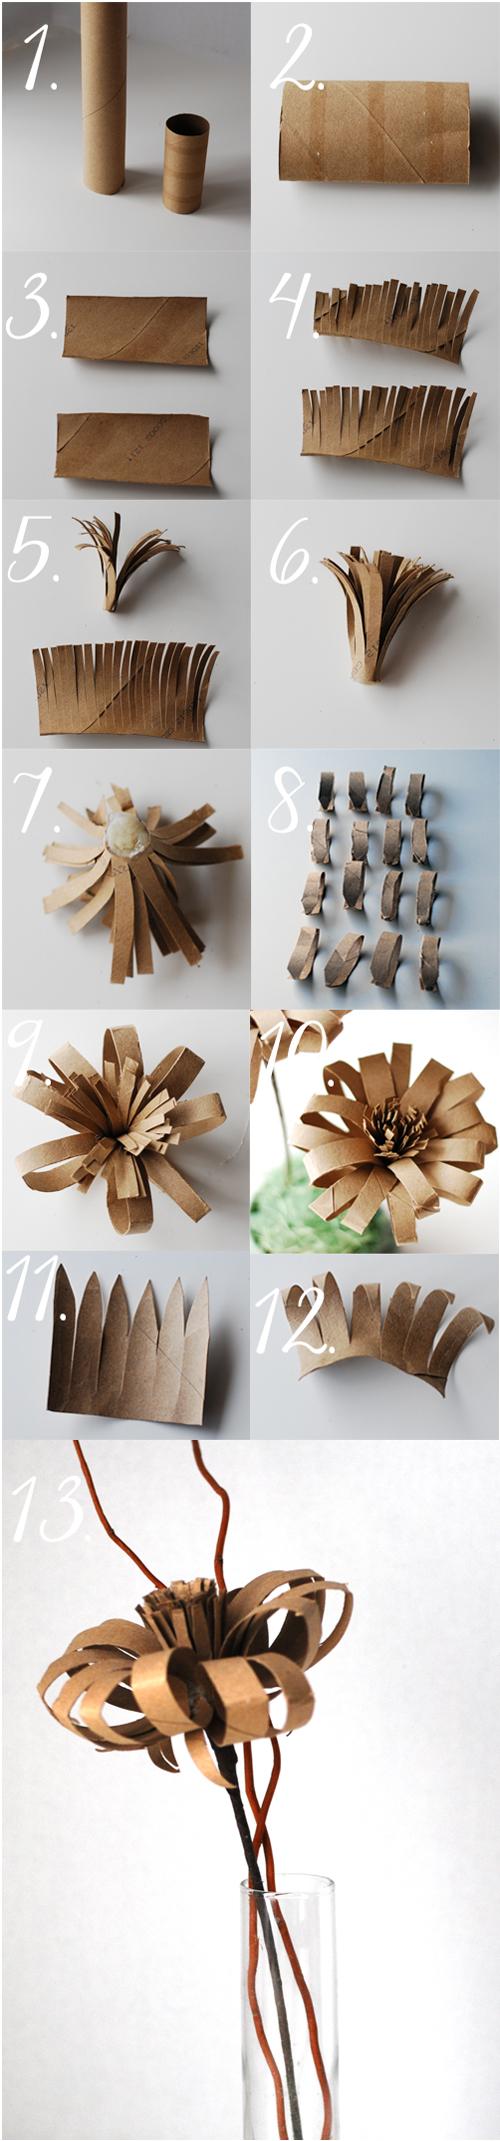 tekturowe-kwiaty-4-jpg